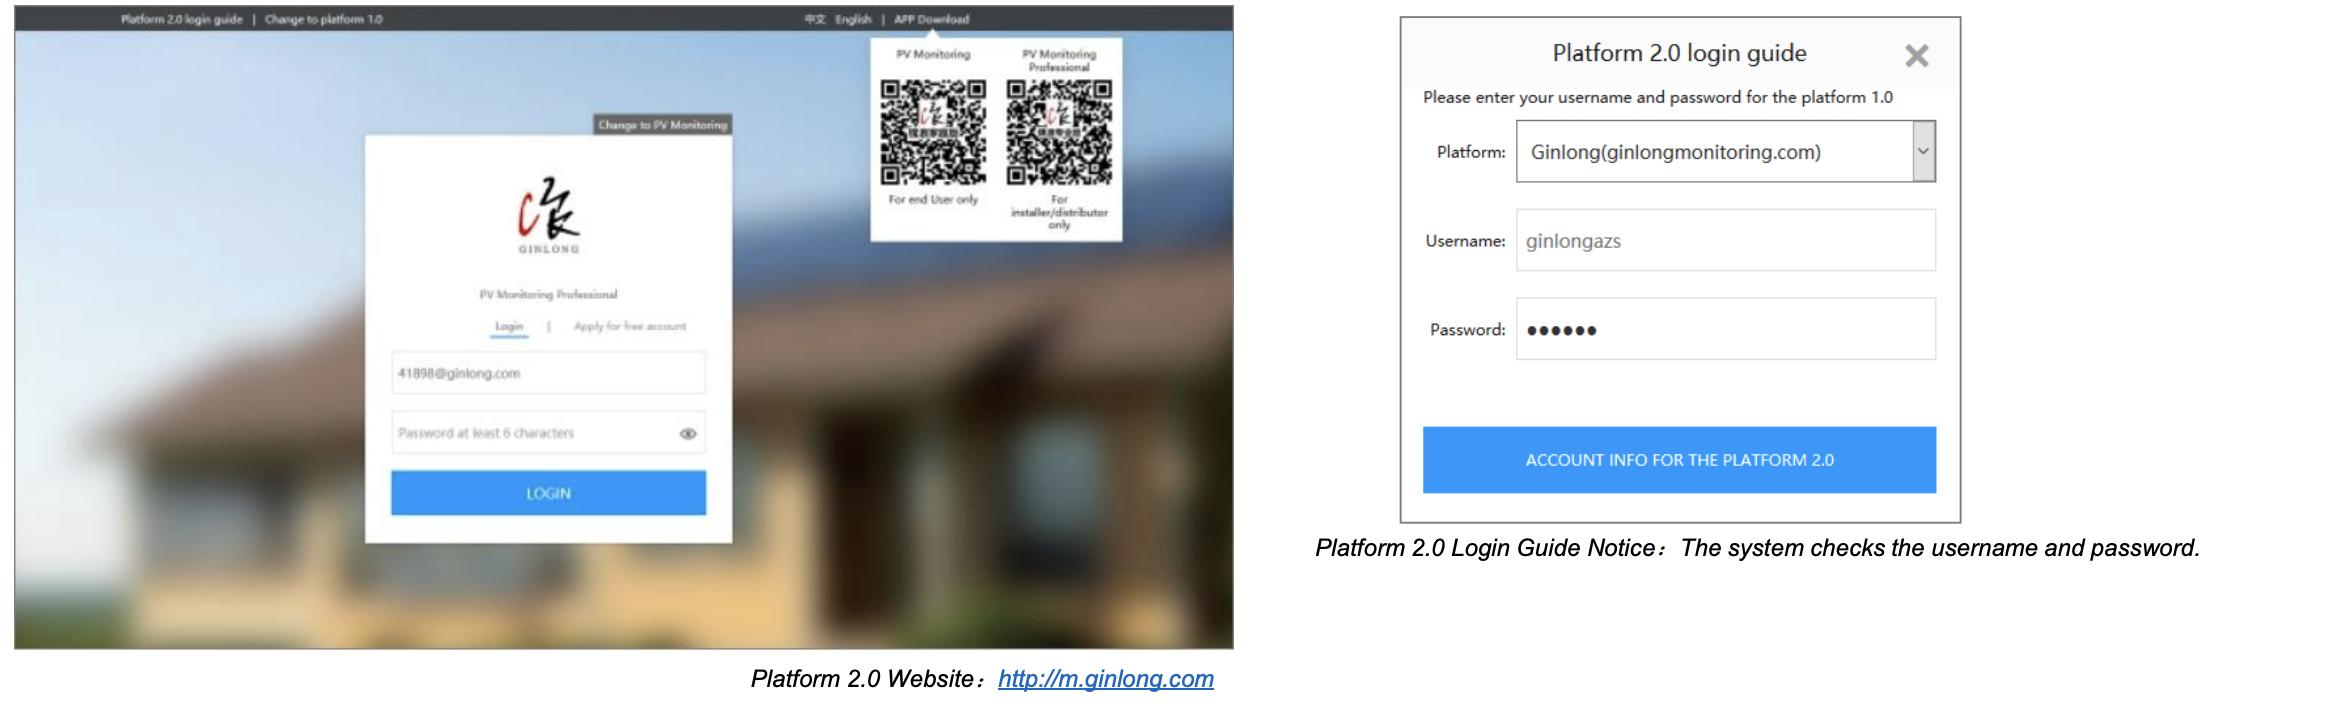 Account Transfer to New Monitoring Platform : Ginlong Solis